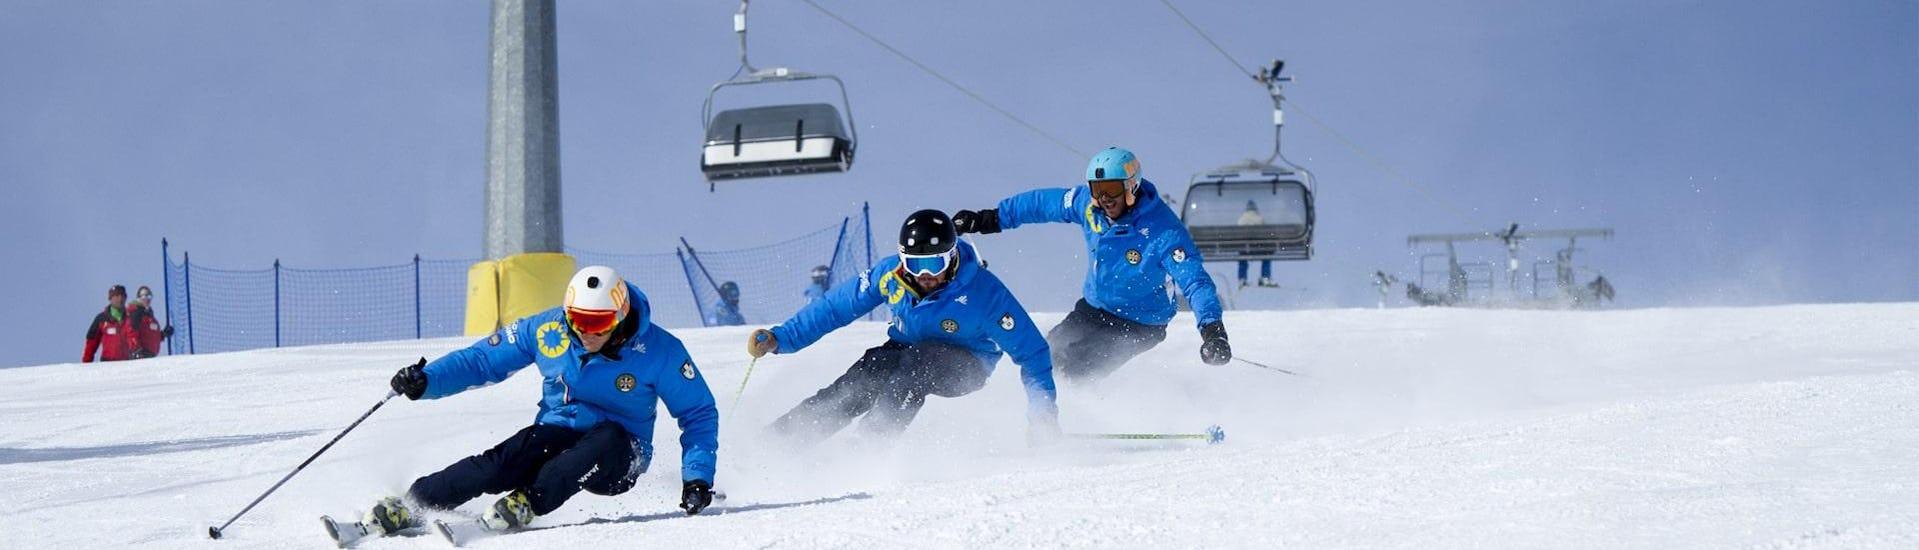 Tre maestri di sci della scuola di sci Scuola di Sci Azzurra Livigno che scendono lungo la pista da sci in formazione durante una delle lezioni di sci per adulti - Tutti i livelli, dimostrando la corretta tecnica sciistica.